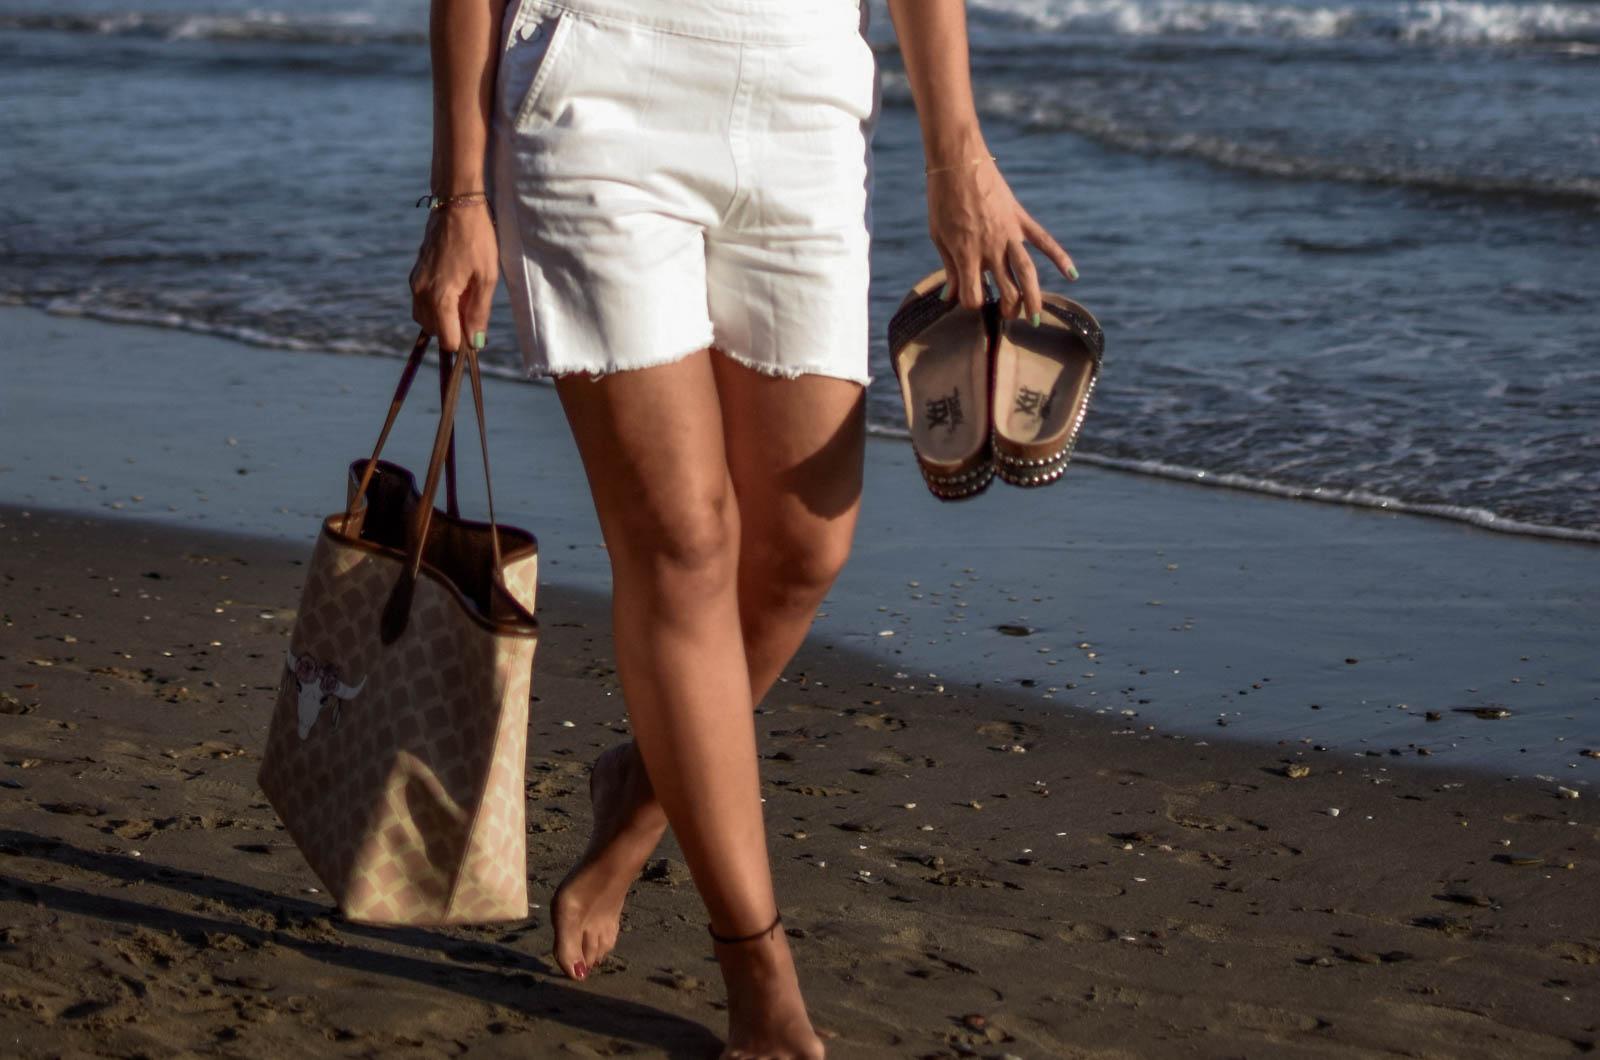 el-blog-de-silvia-rodriguez-lifestyle-travel-blogger-verano-vacaciones-en-marbella-holidays-playa-beach-bikin